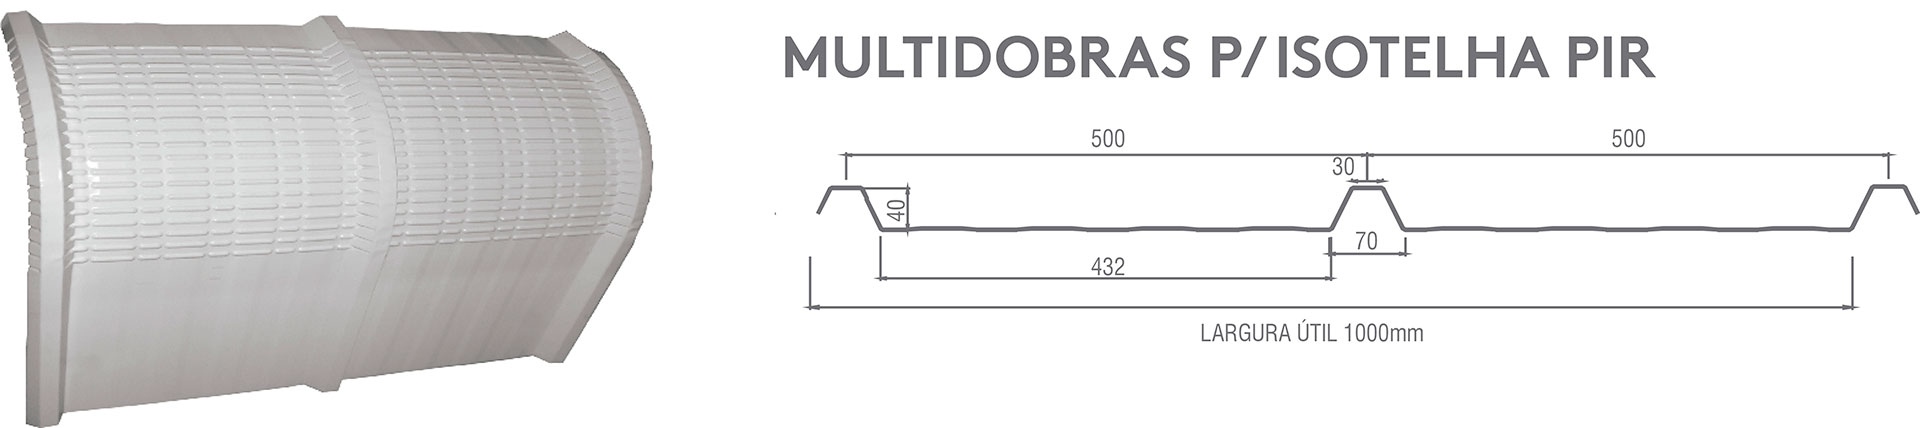 multidobras-isotelha-pir.jpg